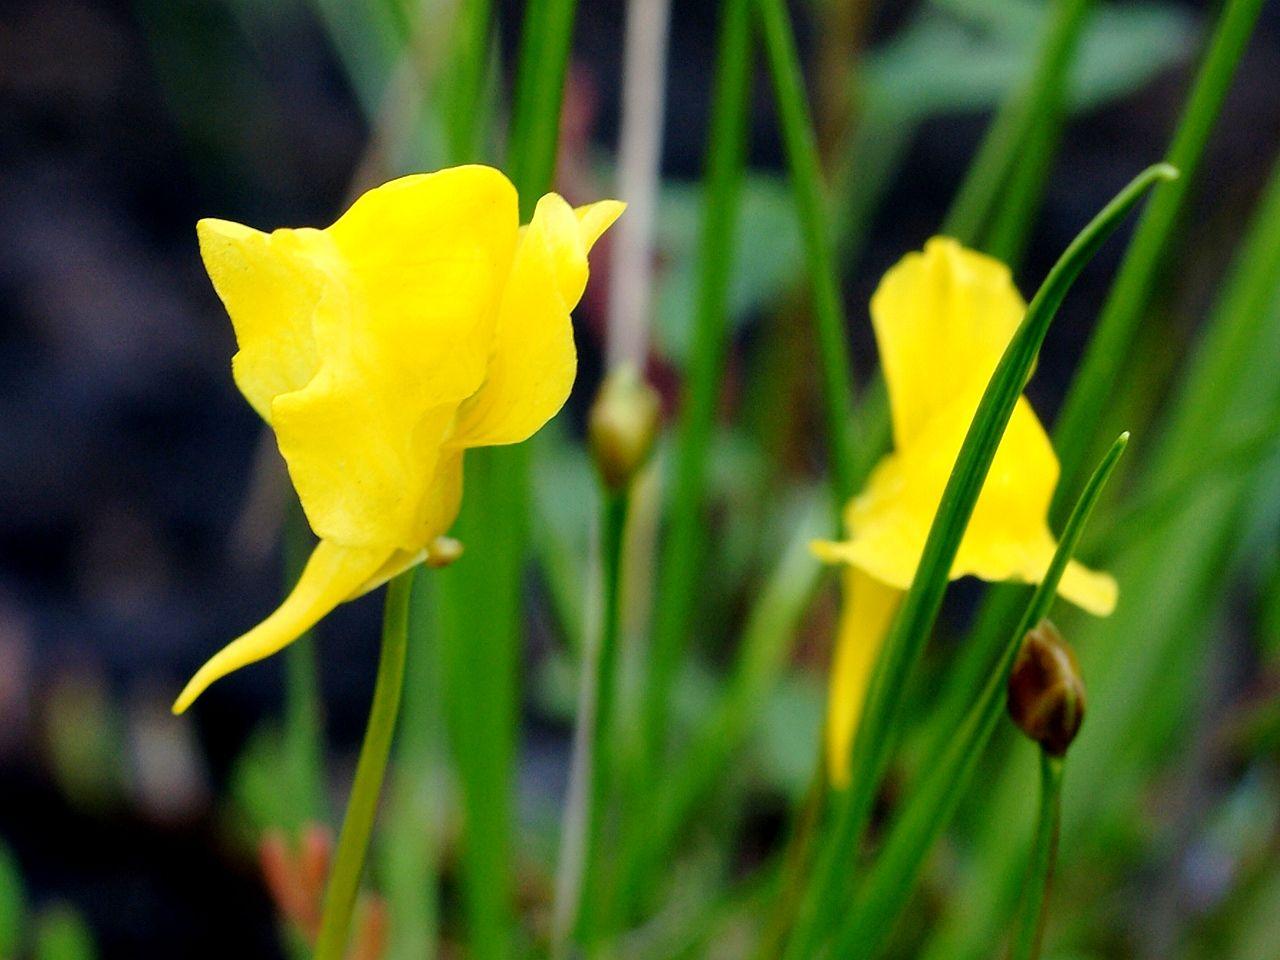 Las flores de la Utricularia cornuta son amarillas